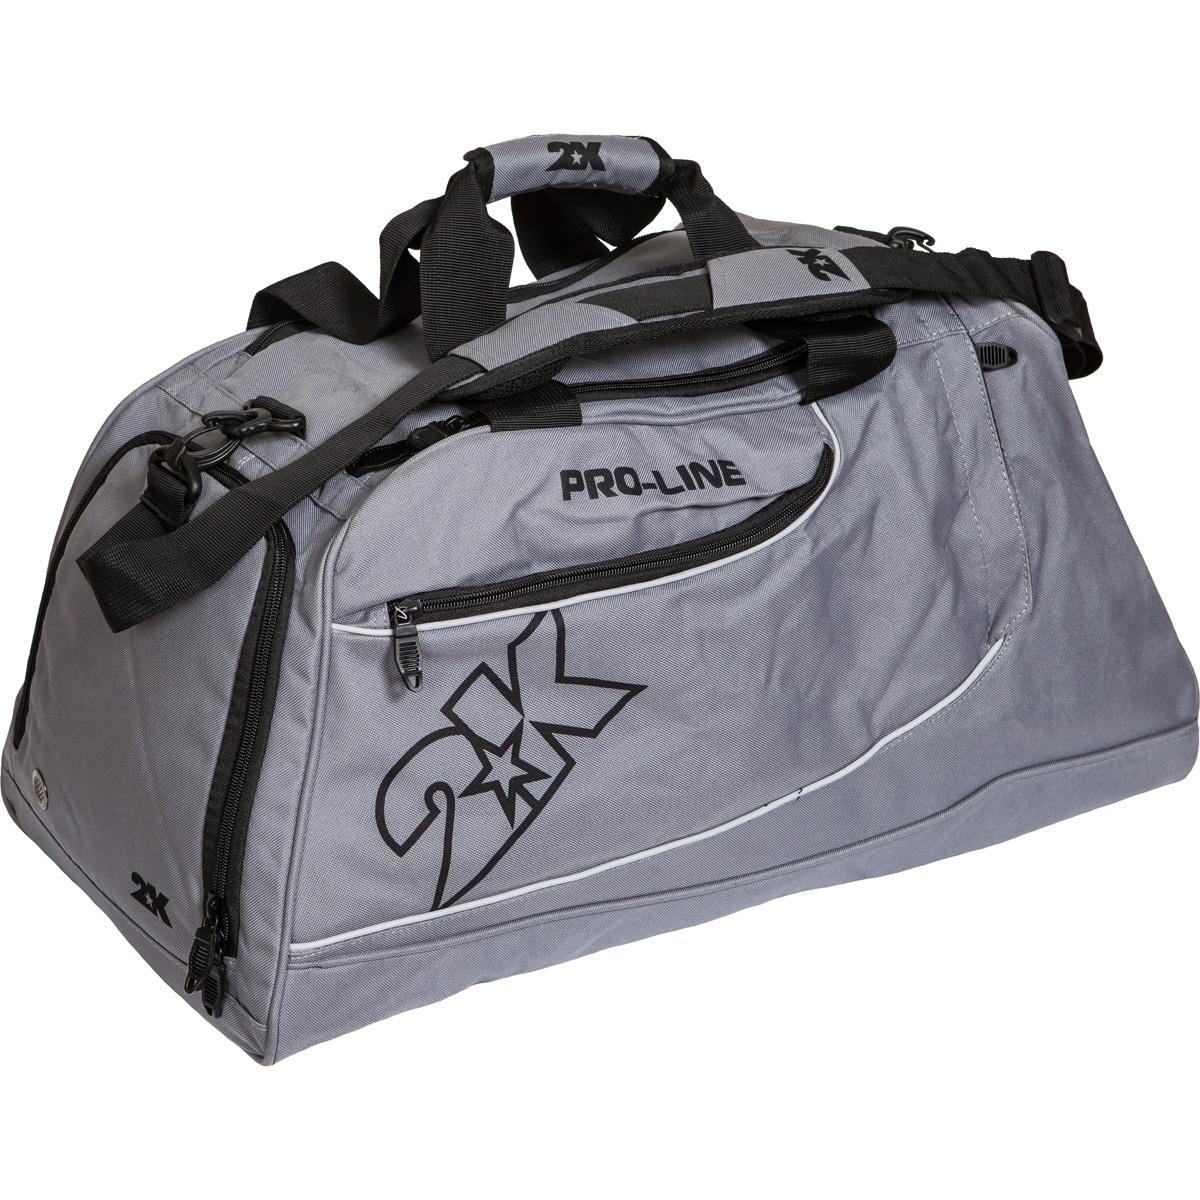 Сумка спортивная 2K Sport Manado, цвет: серый. 128121128121-greyМожно переносить на руке и на плече. Размер: 60х30х33 см. (ДхШхВ). Отстегивающийся ремень.